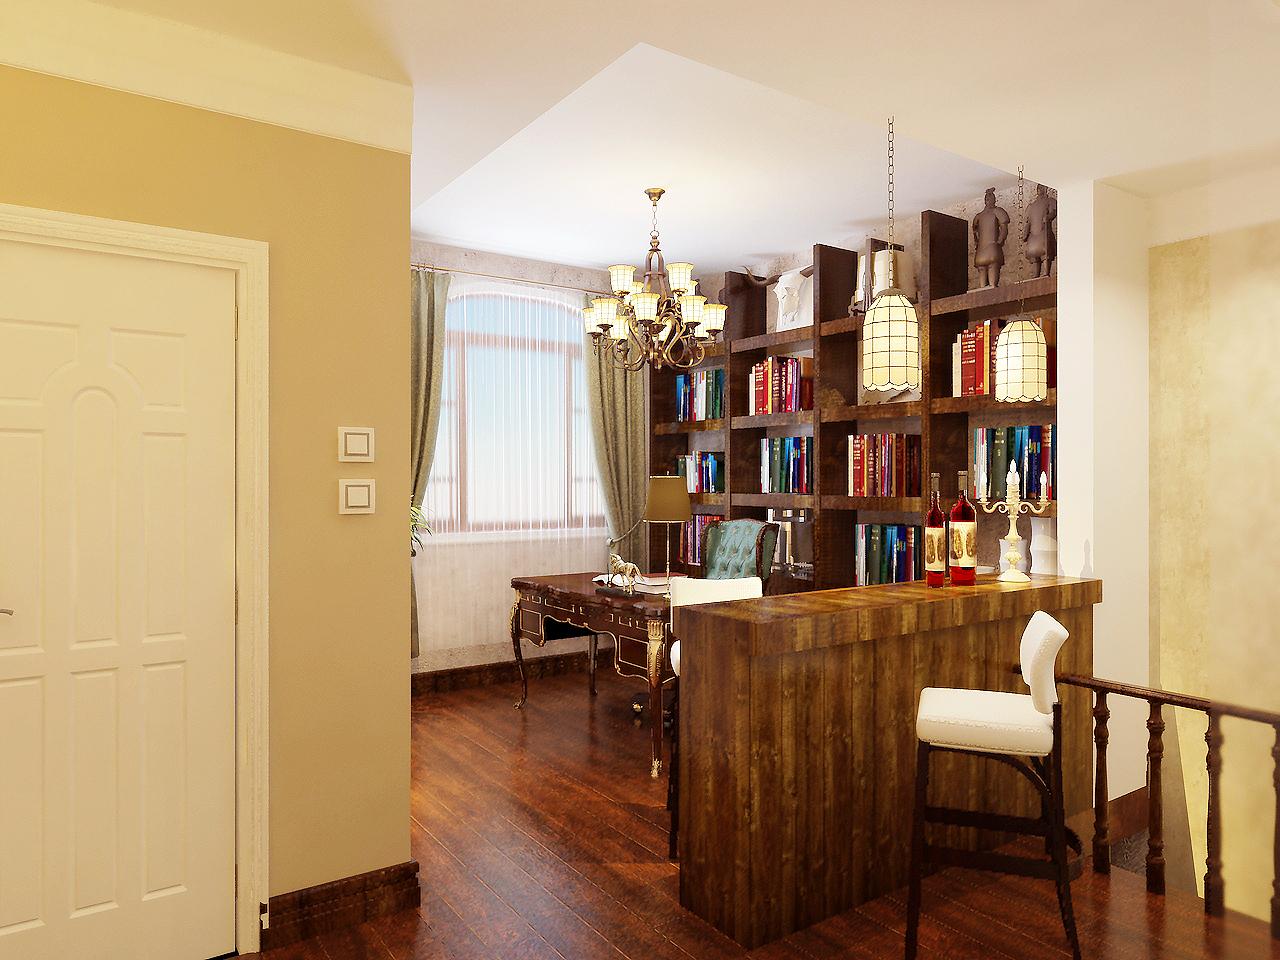 多使用了实木材质,简洁大方的书架很显一种大气粗犷个感觉,把它使用在书房里,彰显出主人的宽广的胸怀,在书房里没有做太多的造型,浅色的印花壁纸,窗帘。加上墙上几幅前卫的油画,给整个书房营造出一个宁静舒适的阅读环境。